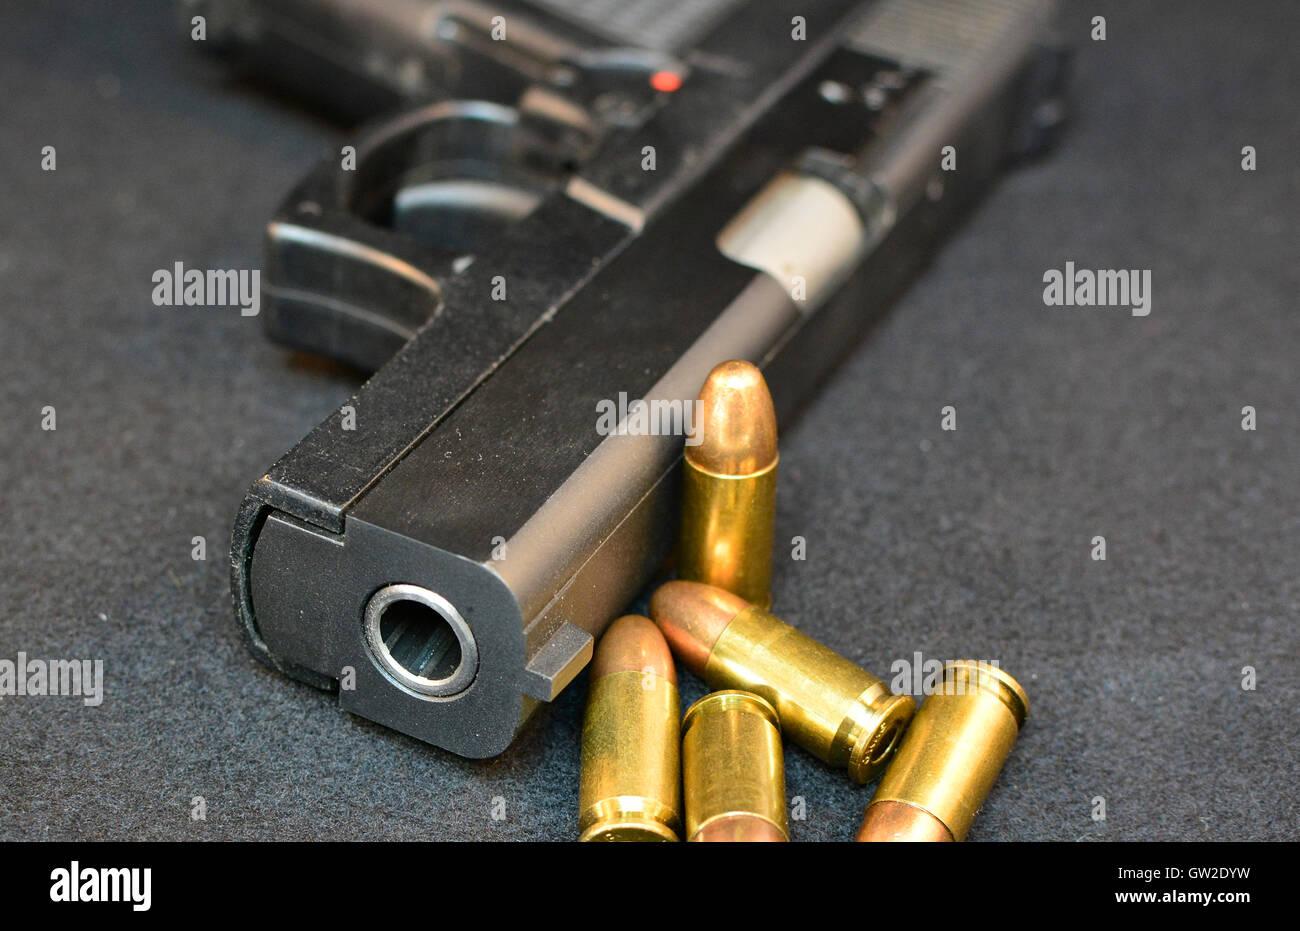 Pistolet de balles. Les crimes de violence des armes à feu, d'attaque. La prise de vue. L'utilisation Photo Stock